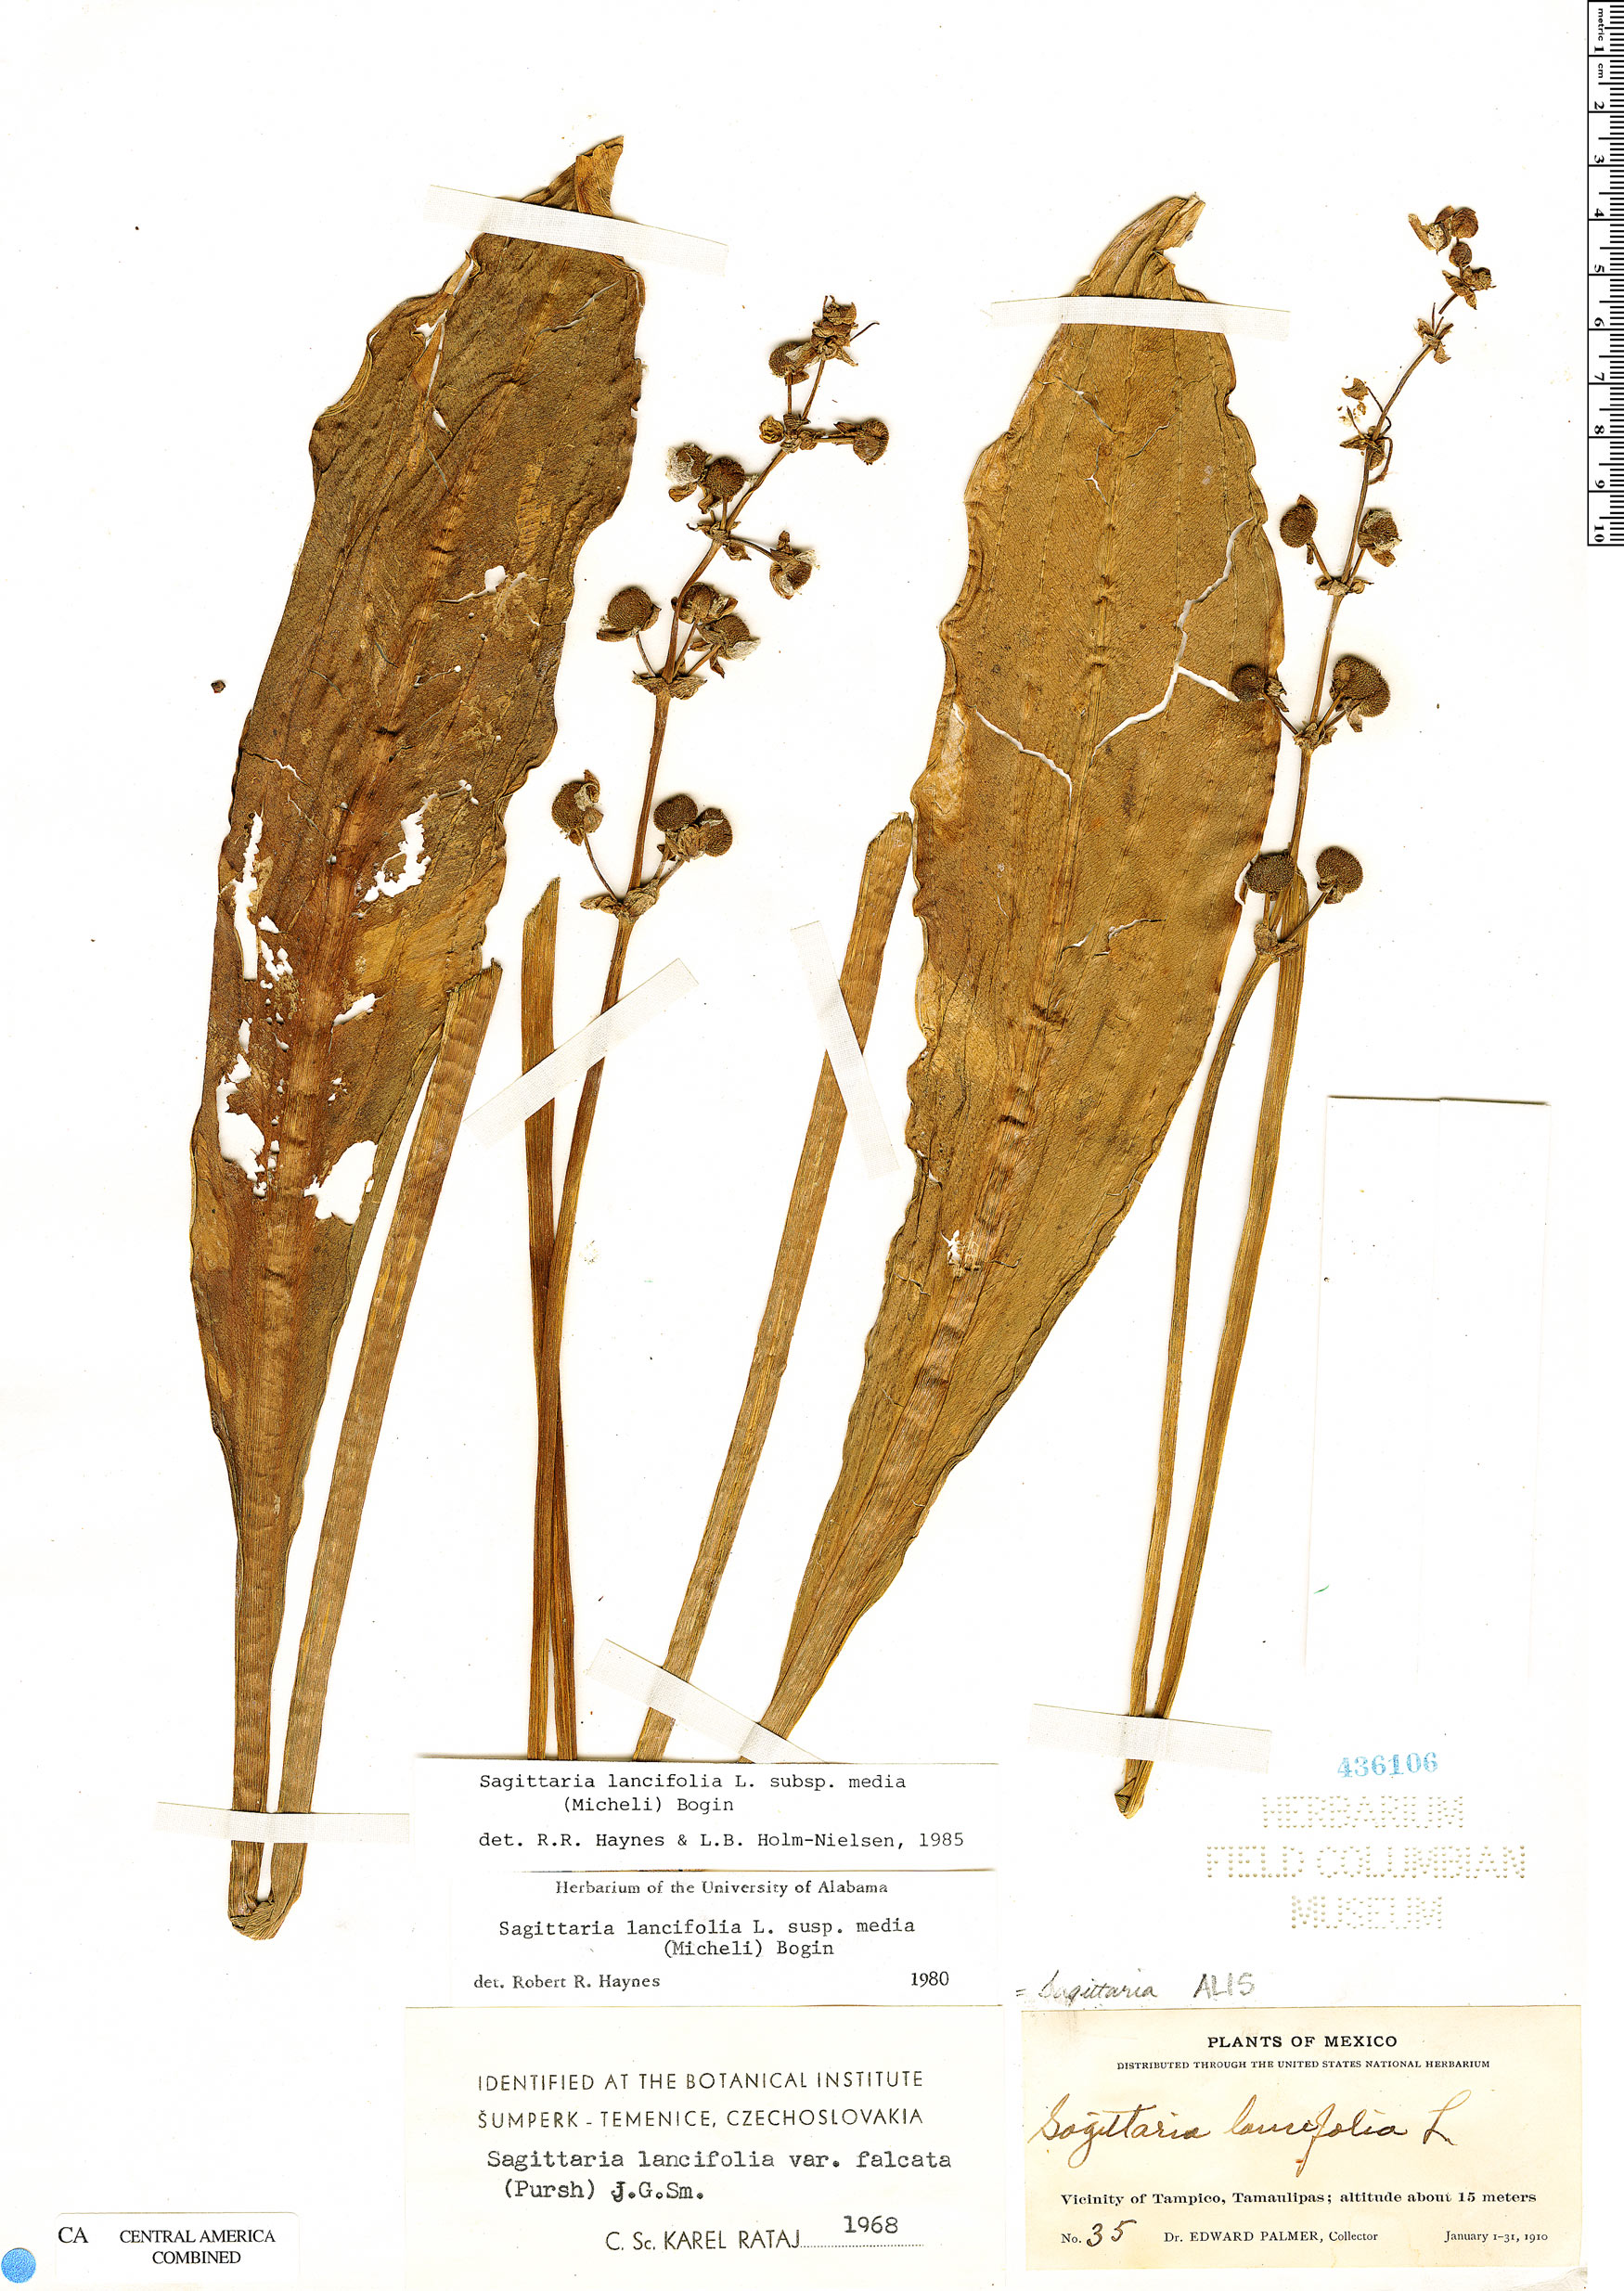 Specimen: Sagittaria lancifolia